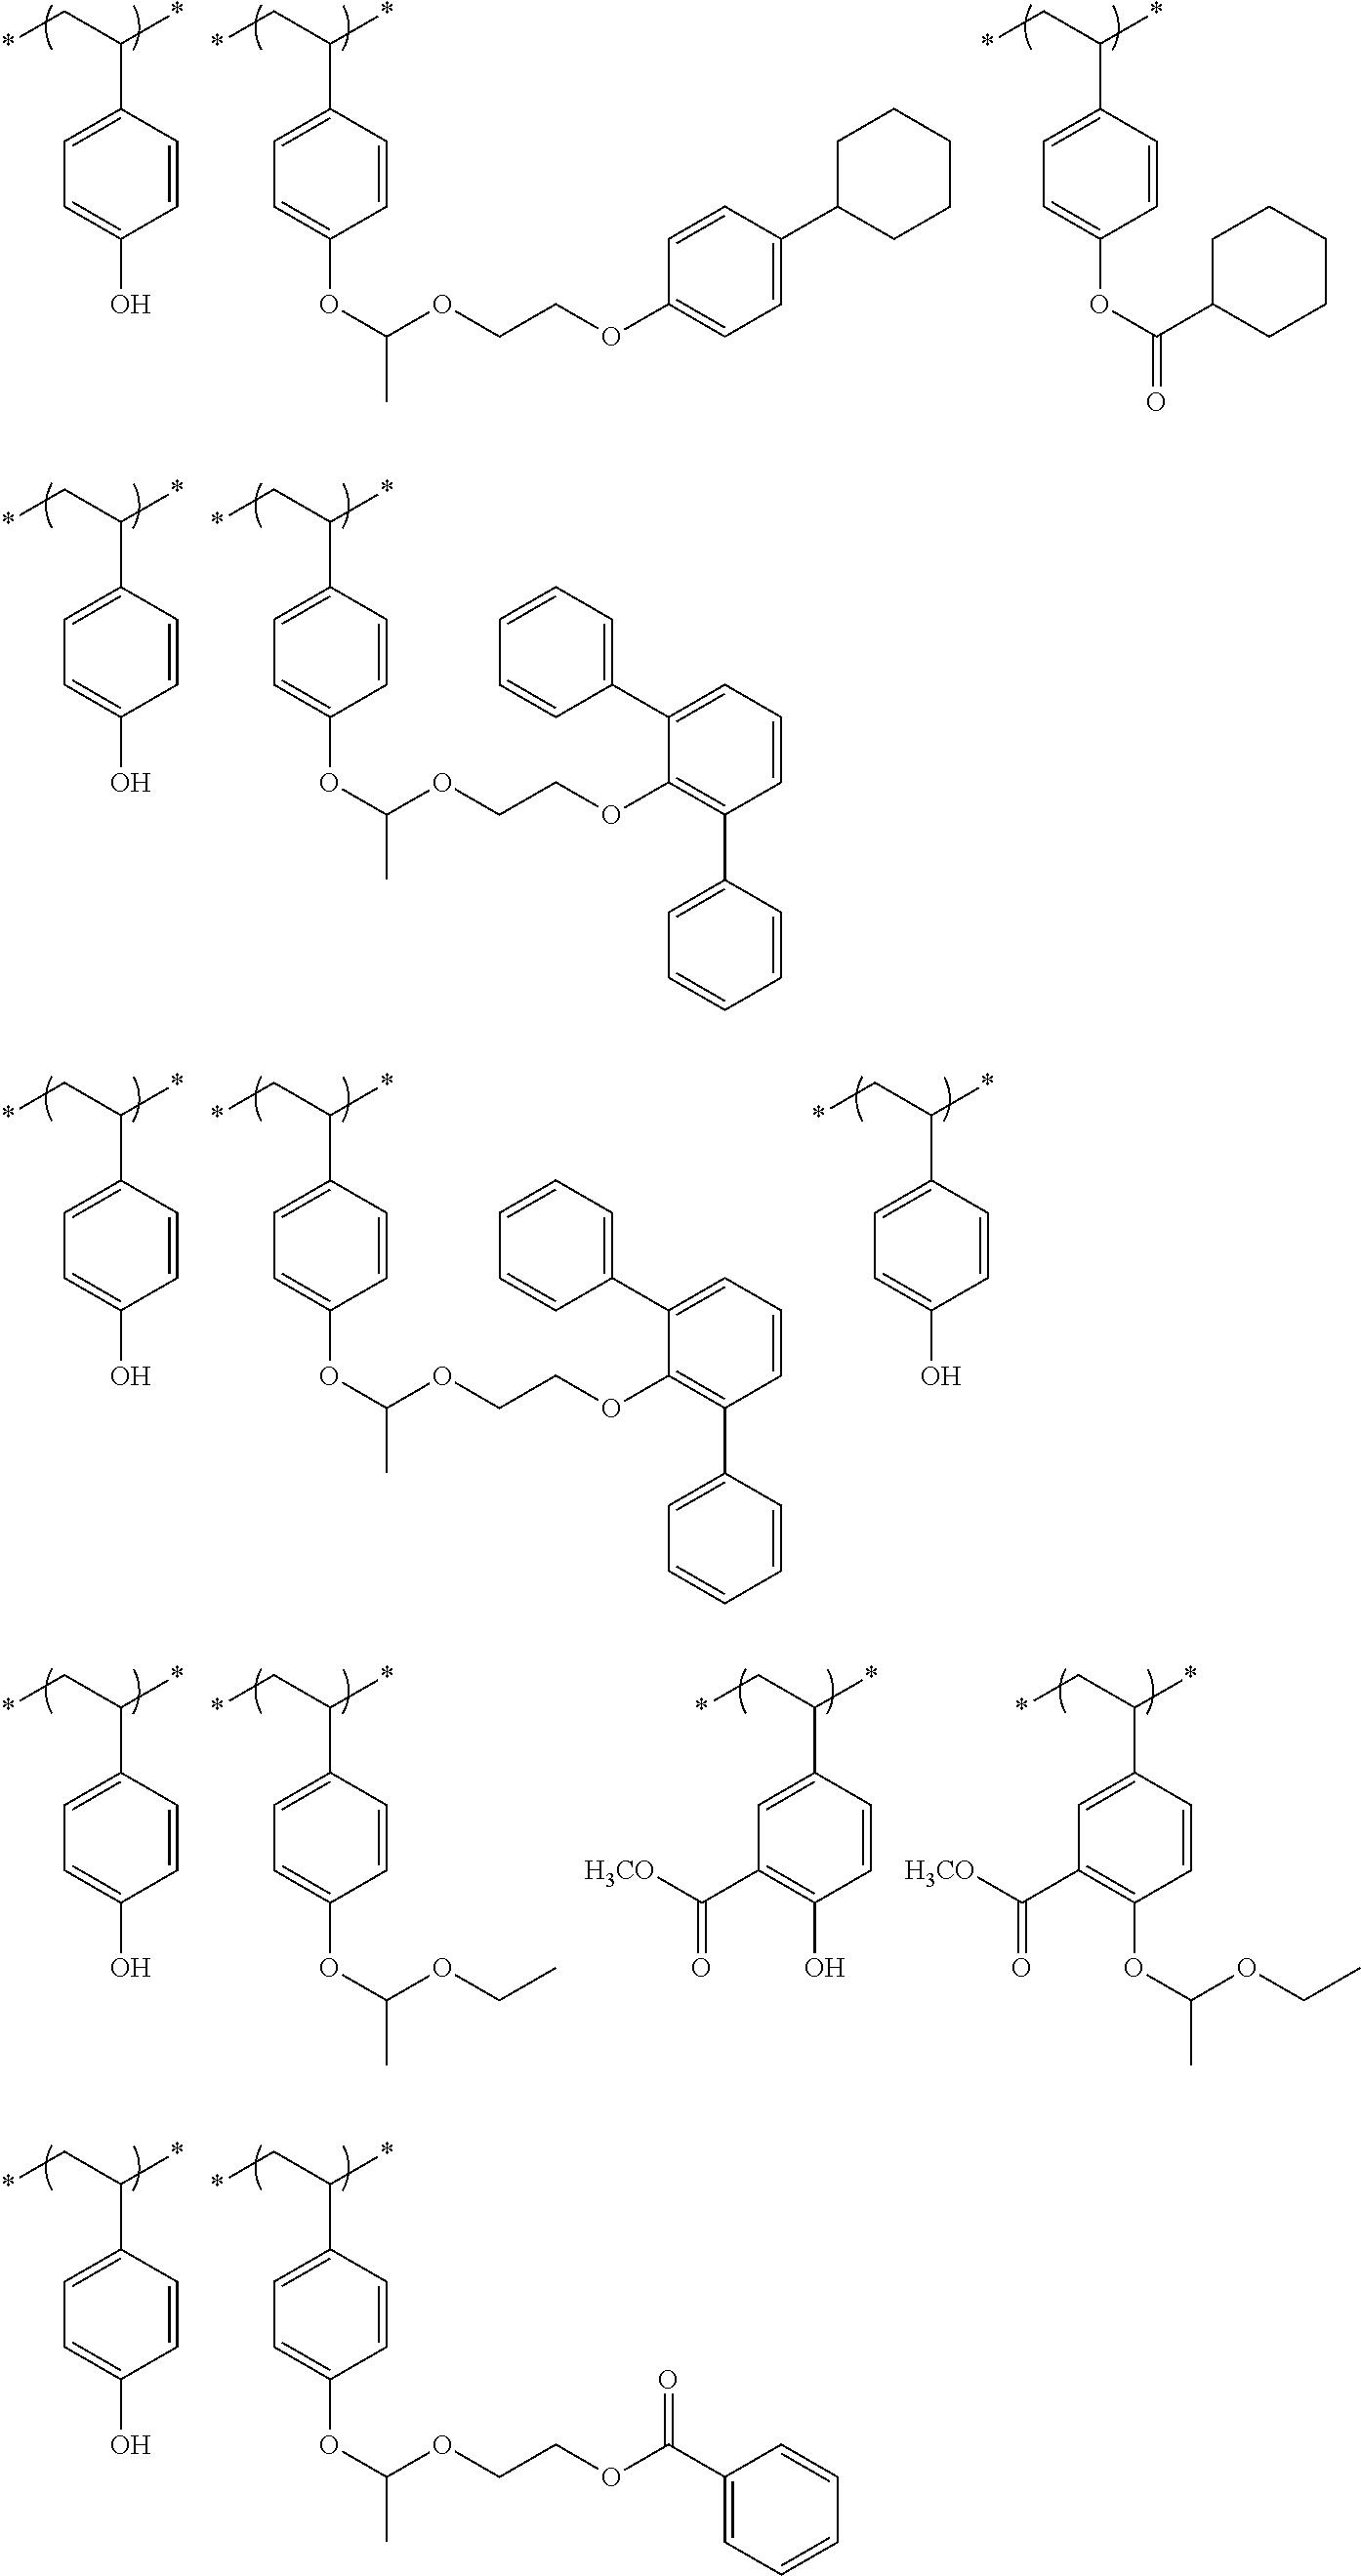 Figure US20110183258A1-20110728-C00076